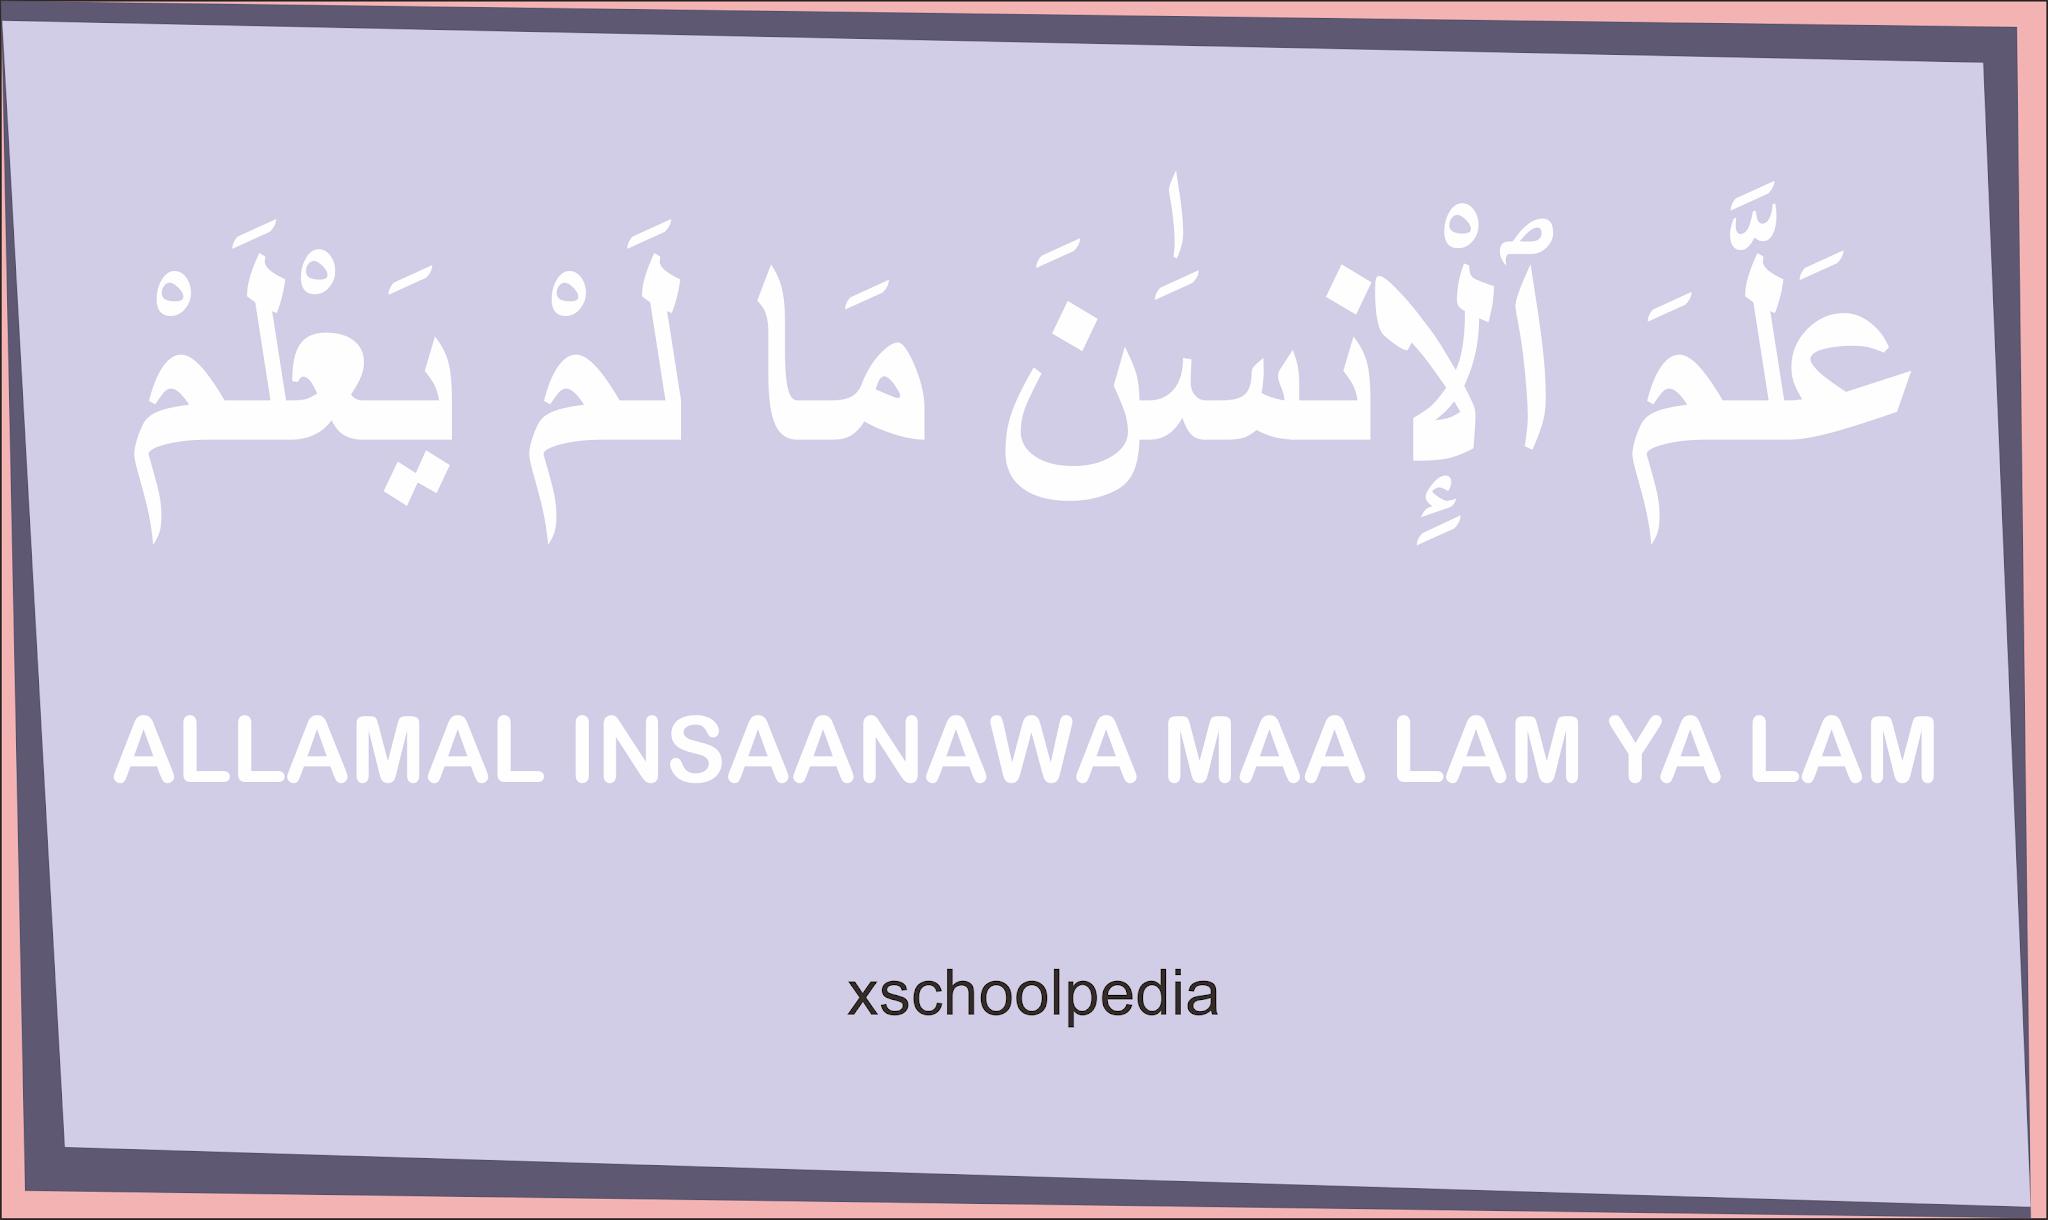 Allamal Insana Ma lam Ya'lam, Ayat Ke-5 Dari Surat Al-Alaq, Arab, Latin Serta Artinya